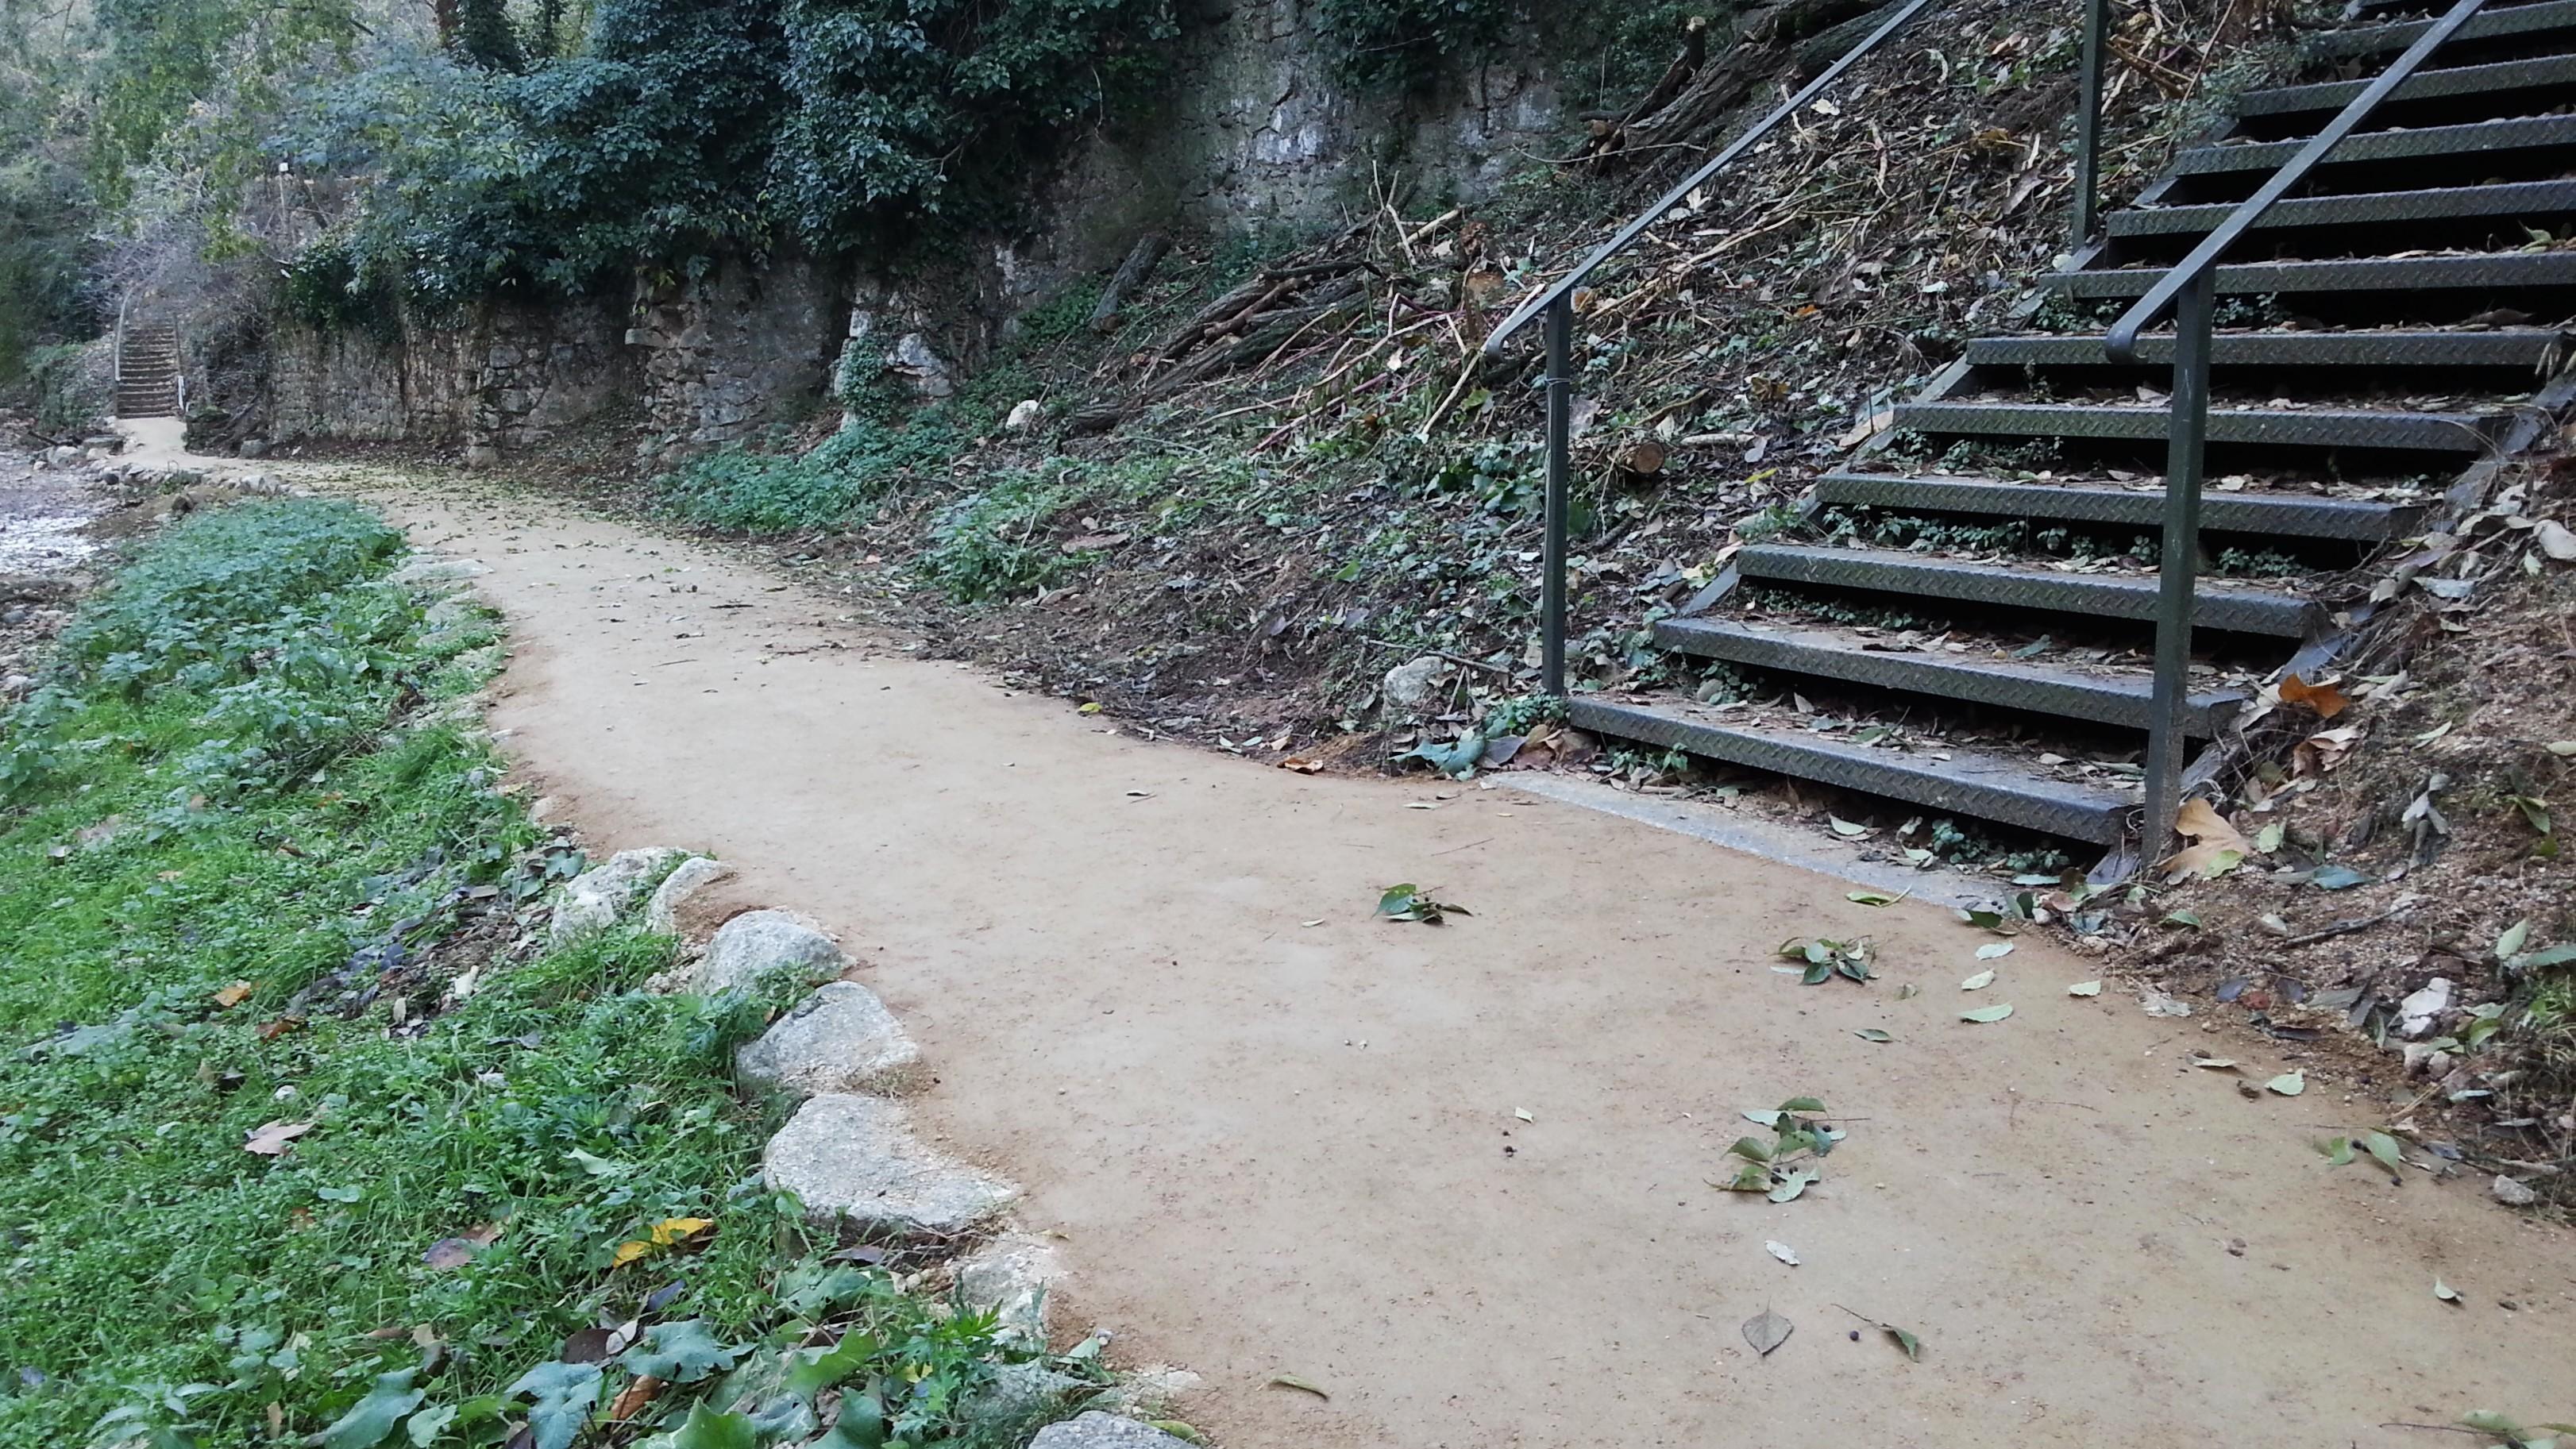 Estabilització SAULO SOLID - Itinerari riera de Galligants, Vall de Sant Daniel (Girona)